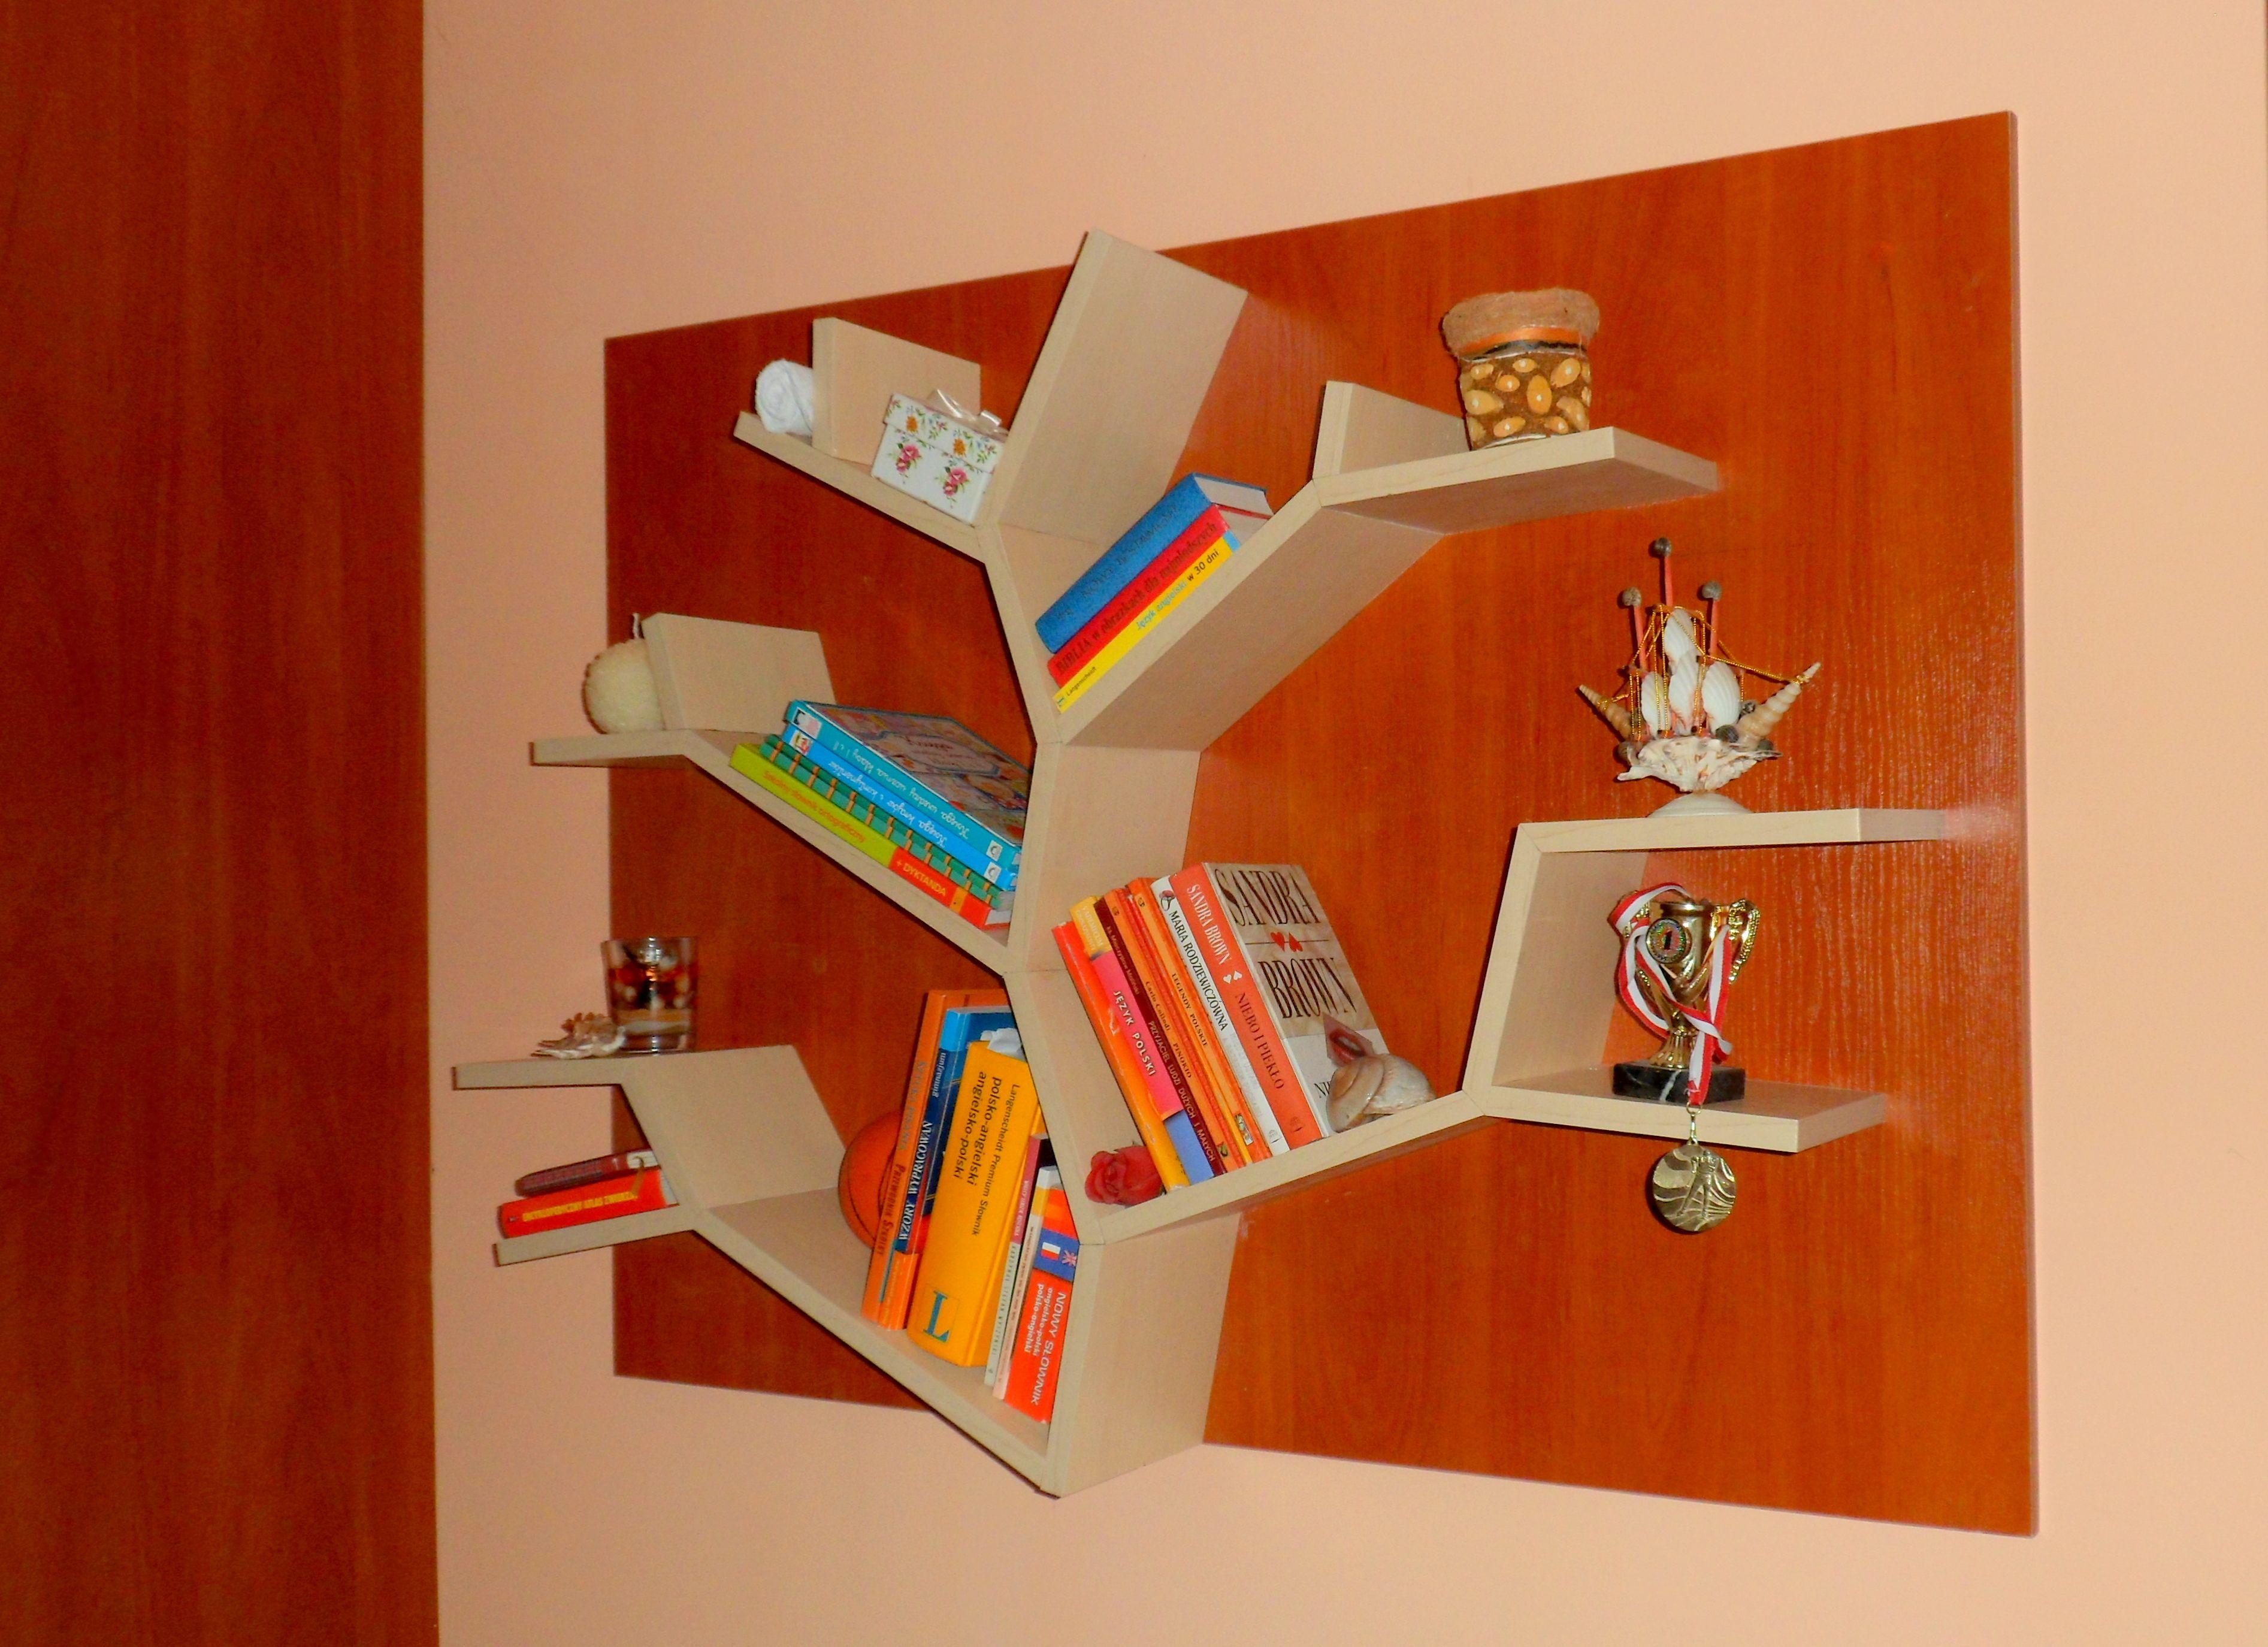 Pin Od Aneta Bęben Na Dla Domu Shelves Bookcase I Home